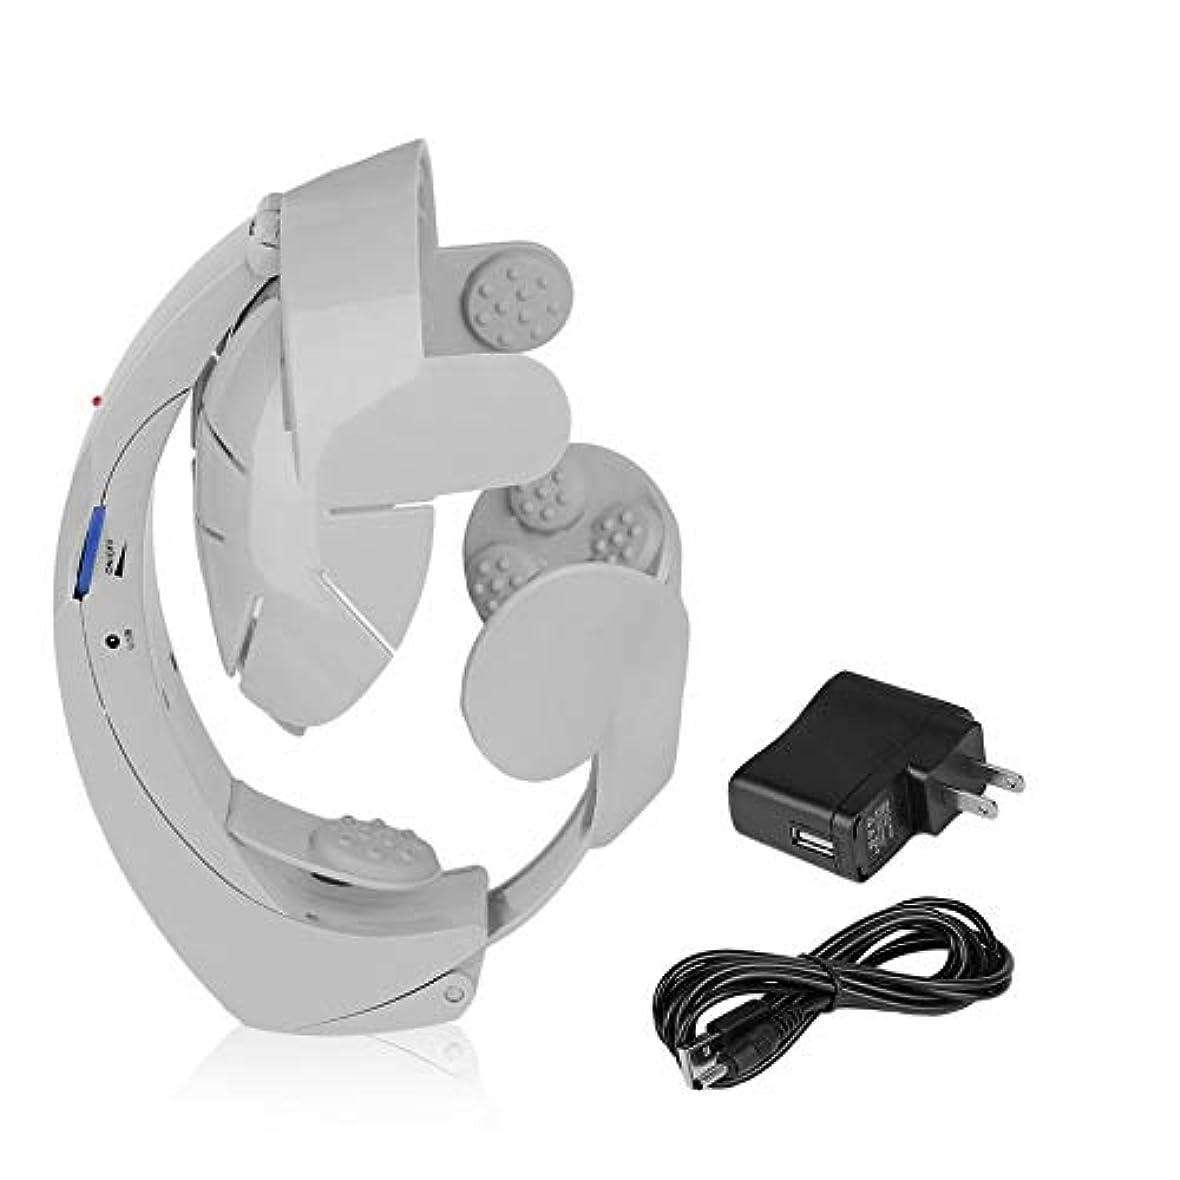 掻くについてすごい電気ヘッドマッサージャーの脳のマッサージは刺鍼術ポイント灰色の方法を緩めます-Innovationo